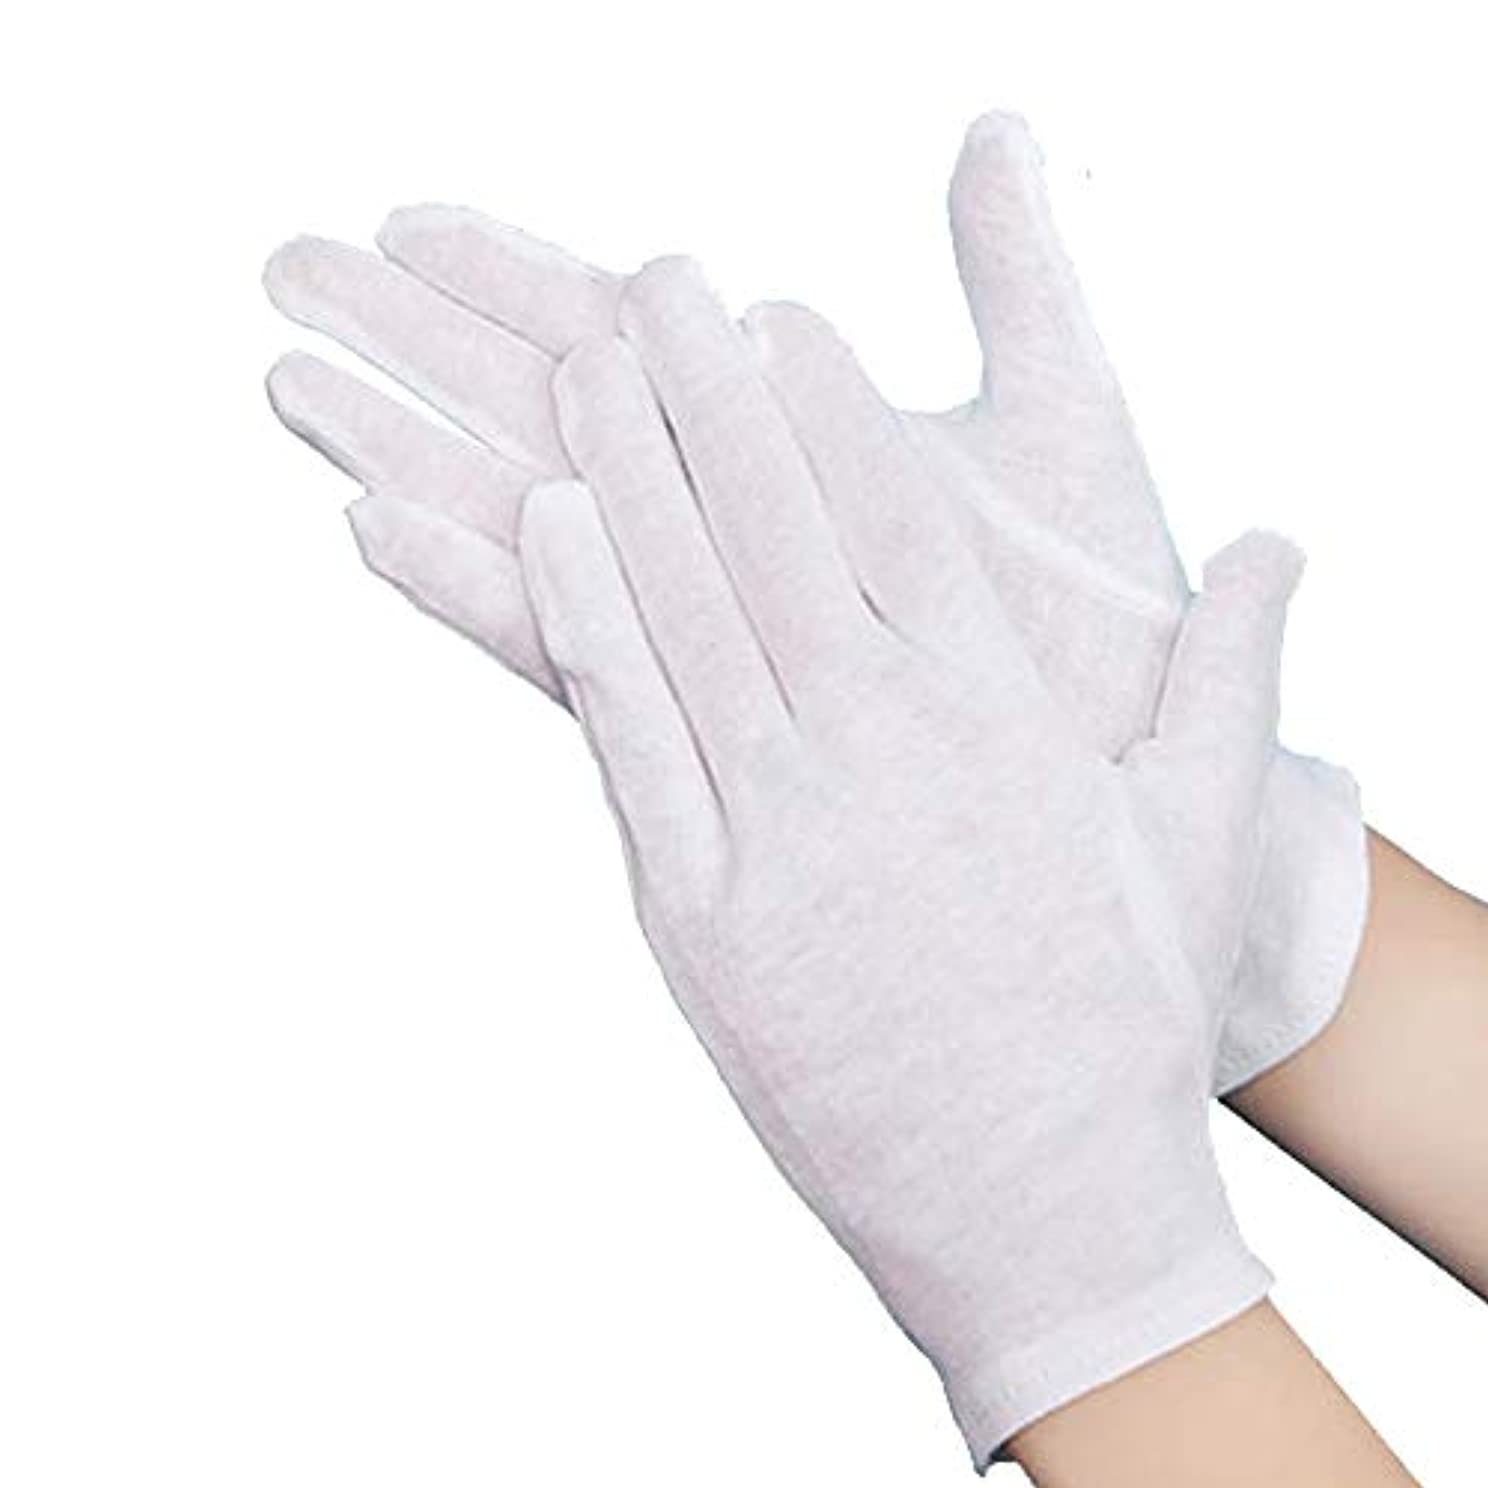 敵意援助やさしいPROMEDIX綿手袋 純綿100% 通気性 コットン手袋 10双組 (L)